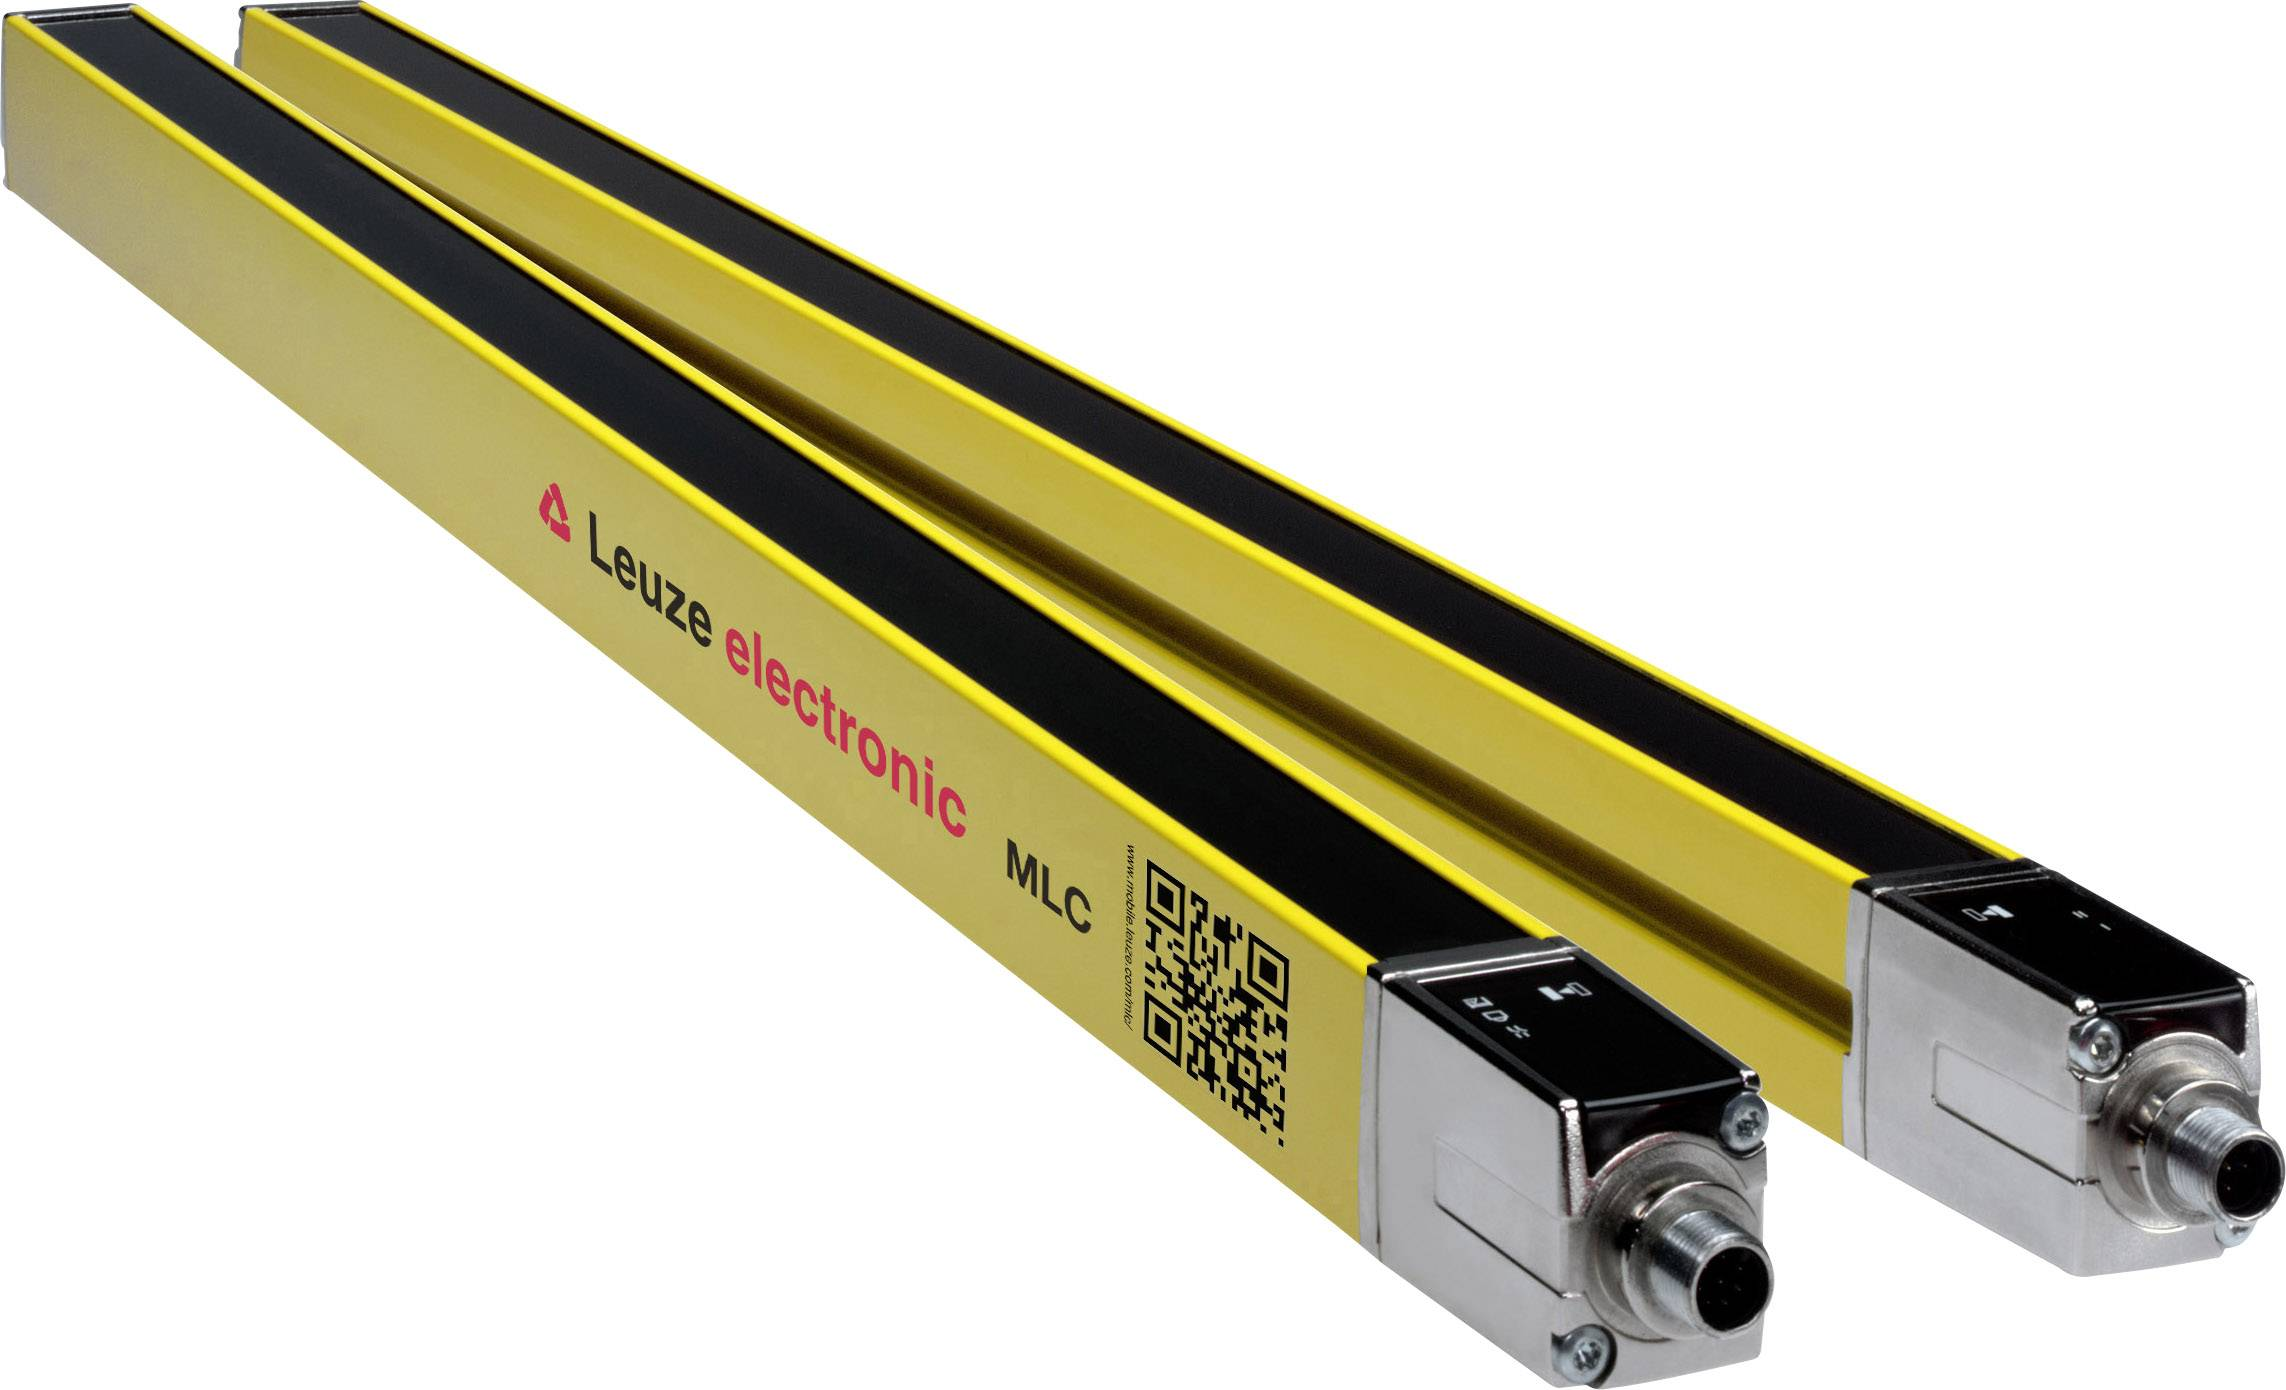 Přijímač pro bezpečnostní světelnou závoru Leuze Electronic MLC510R30-1200 68001312